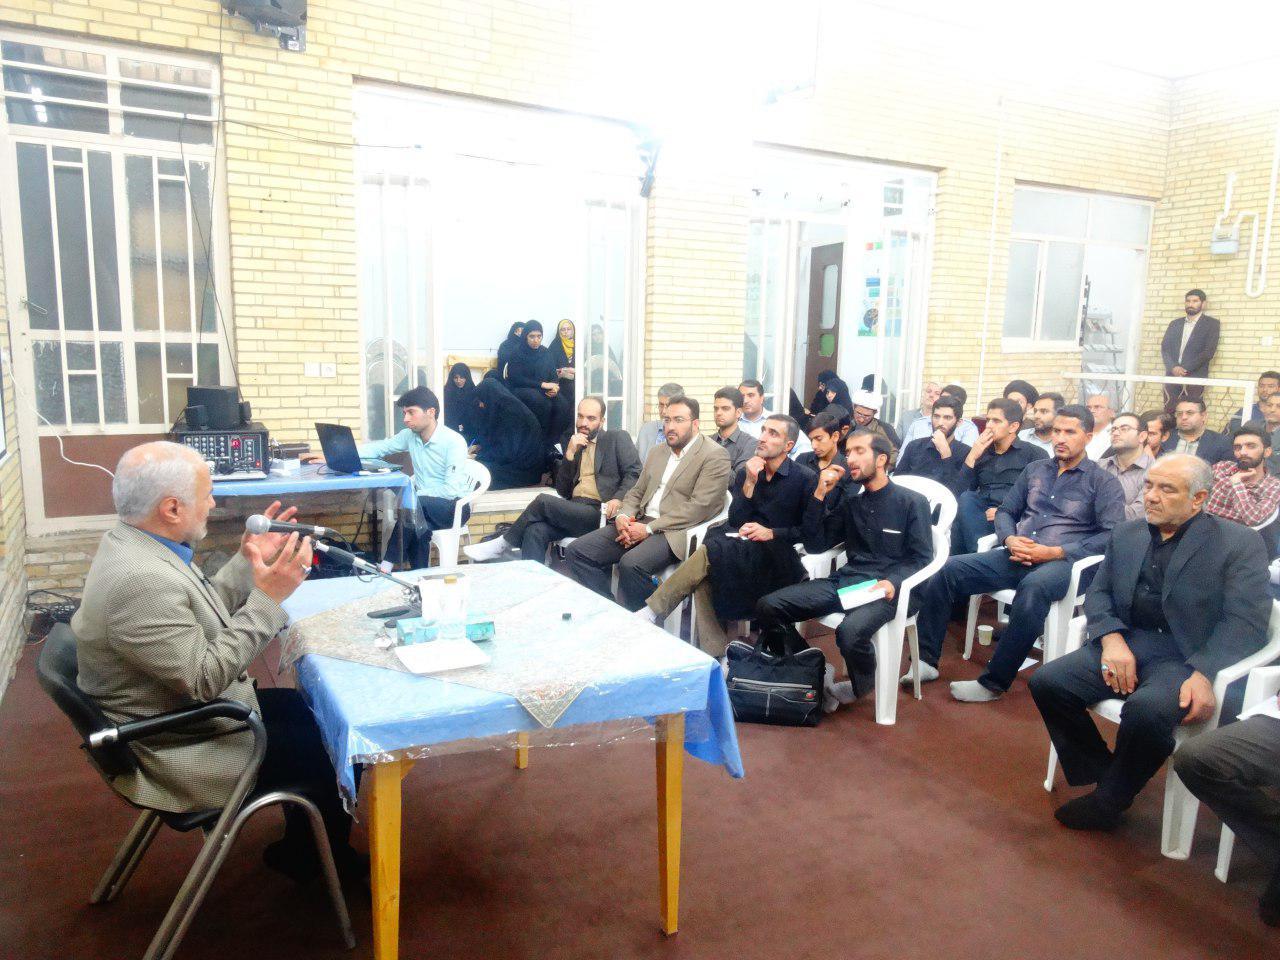 سخنرانی استاد حسن عباسی در یزد - پس از جهانی شدن؟!